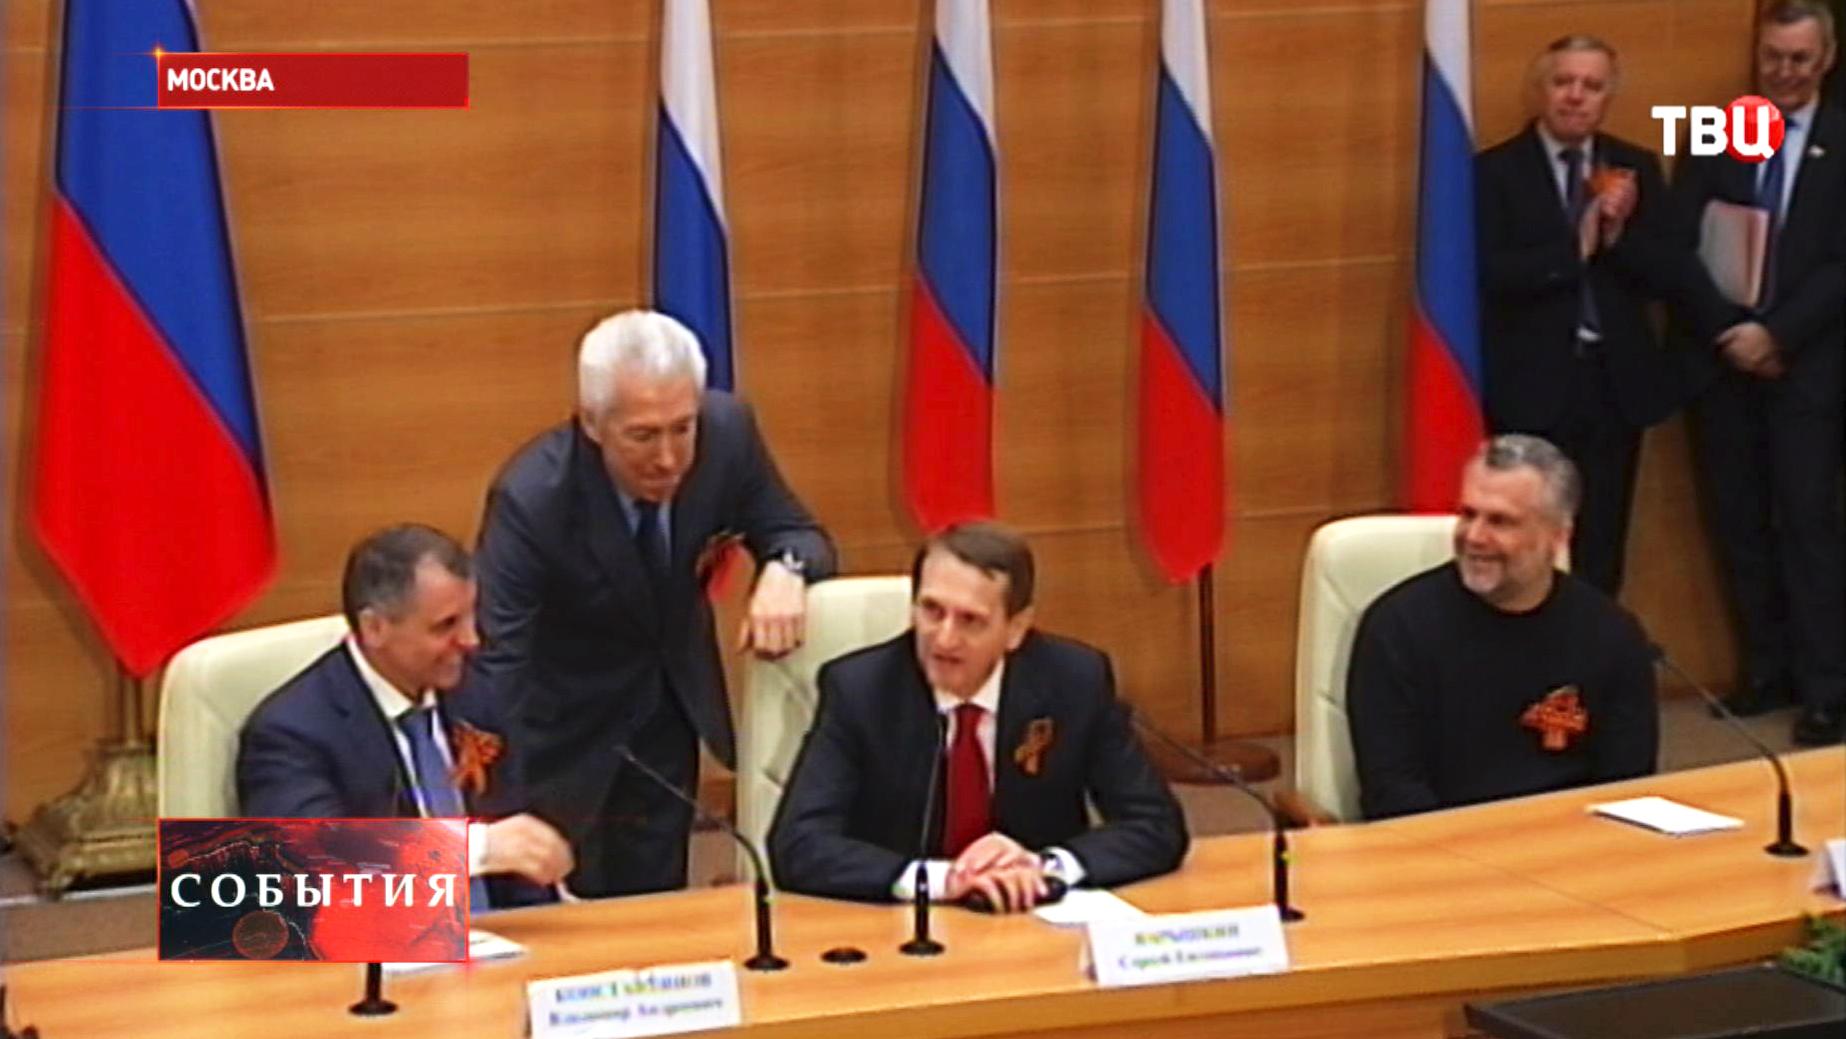 Пресс-конференция представителей Госдумы РФ и членов делегации из Крыма и Севастополя